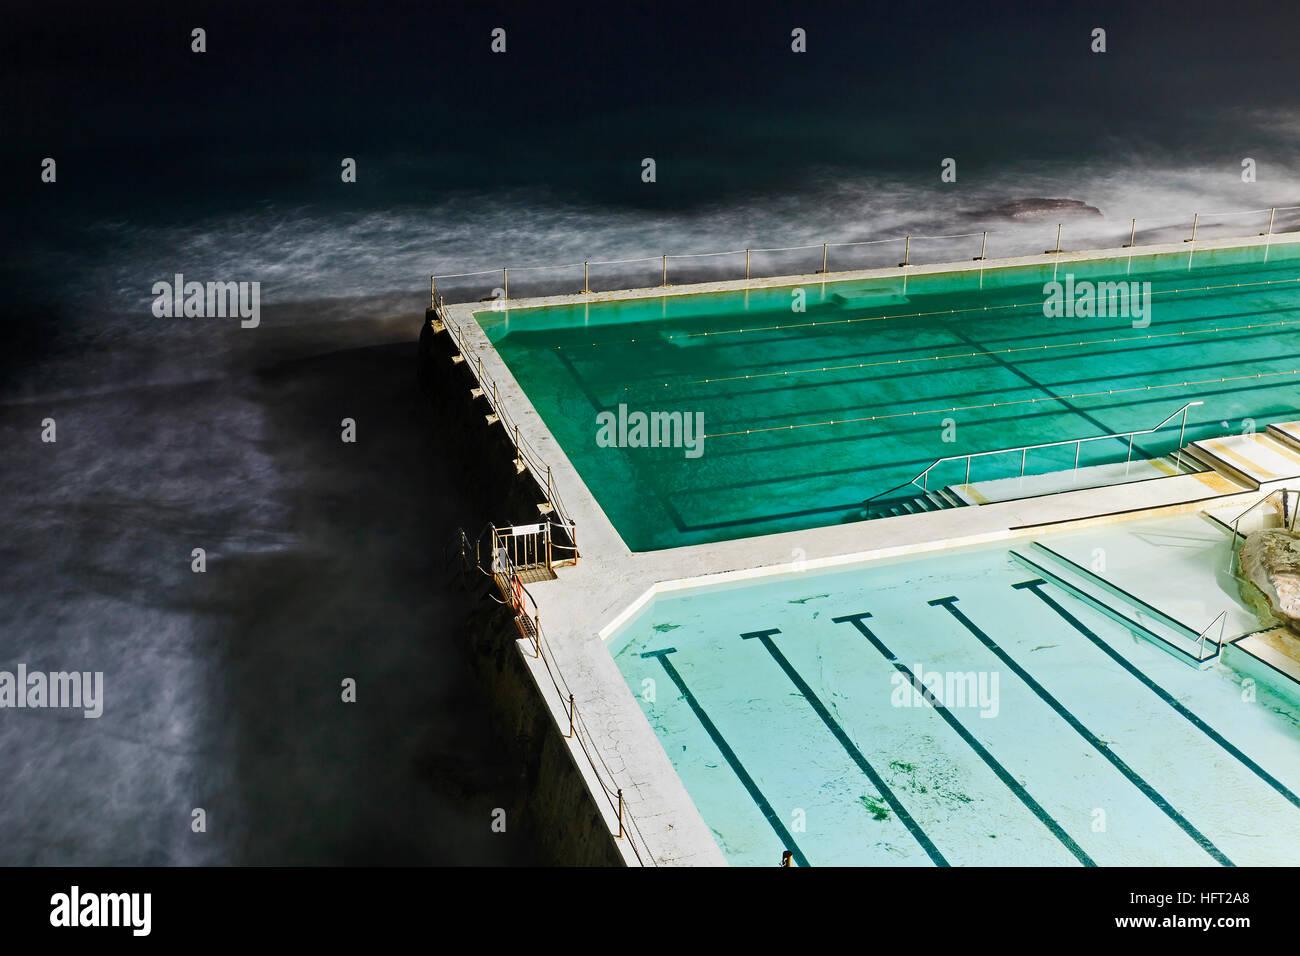 Frammento di pubblico comunale rock pool a Bondi Beach a Sydney in precedenza al mattino. Illuminato corsie di strutture Immagini Stock